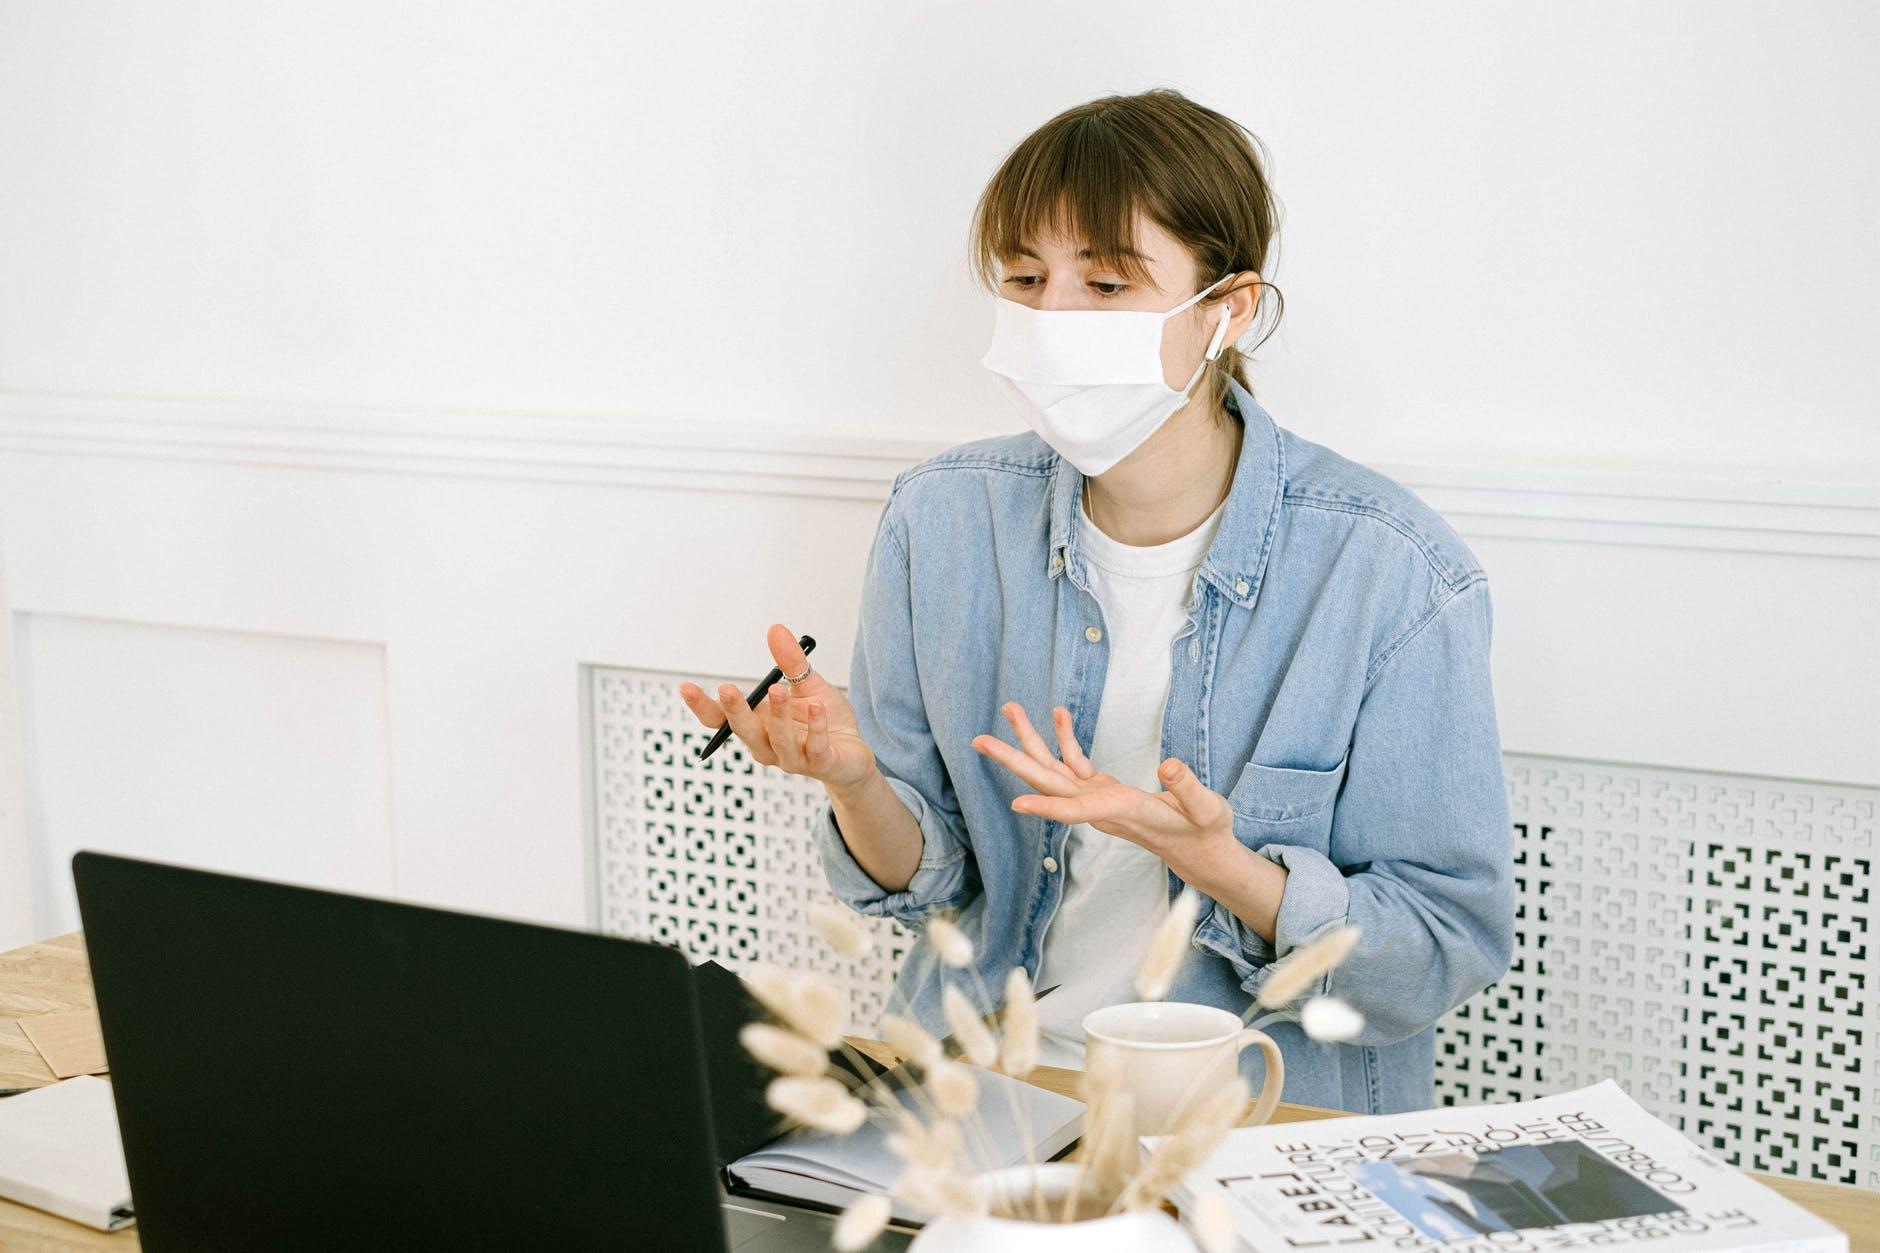 Wskazówki dotyczące utrzymania higieny w miejscu pracy podczas Covid-19